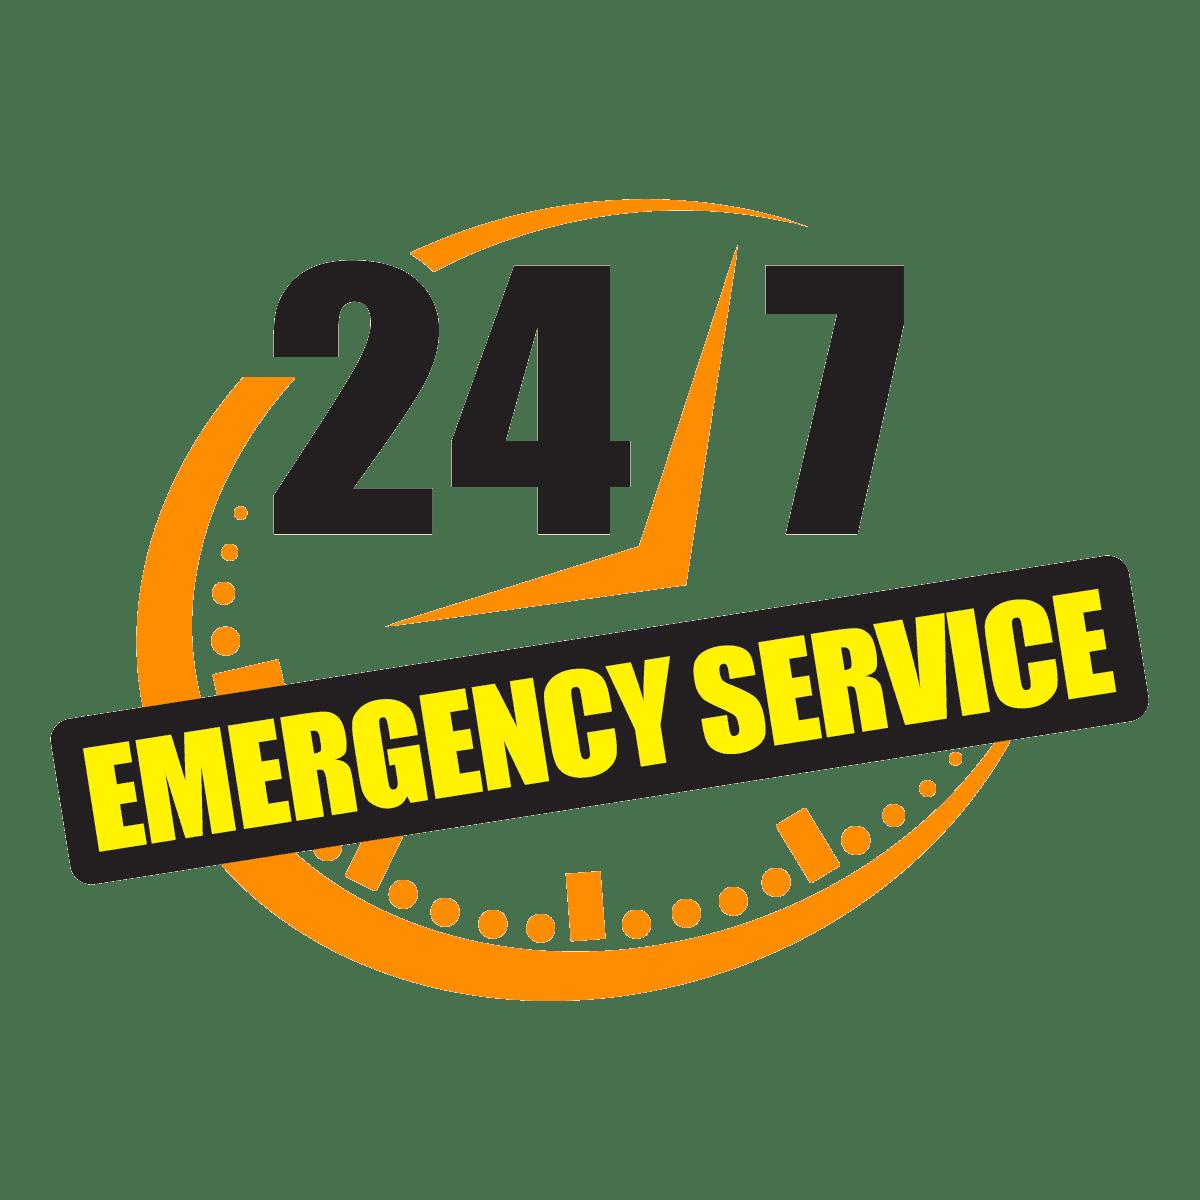 Repossession Service